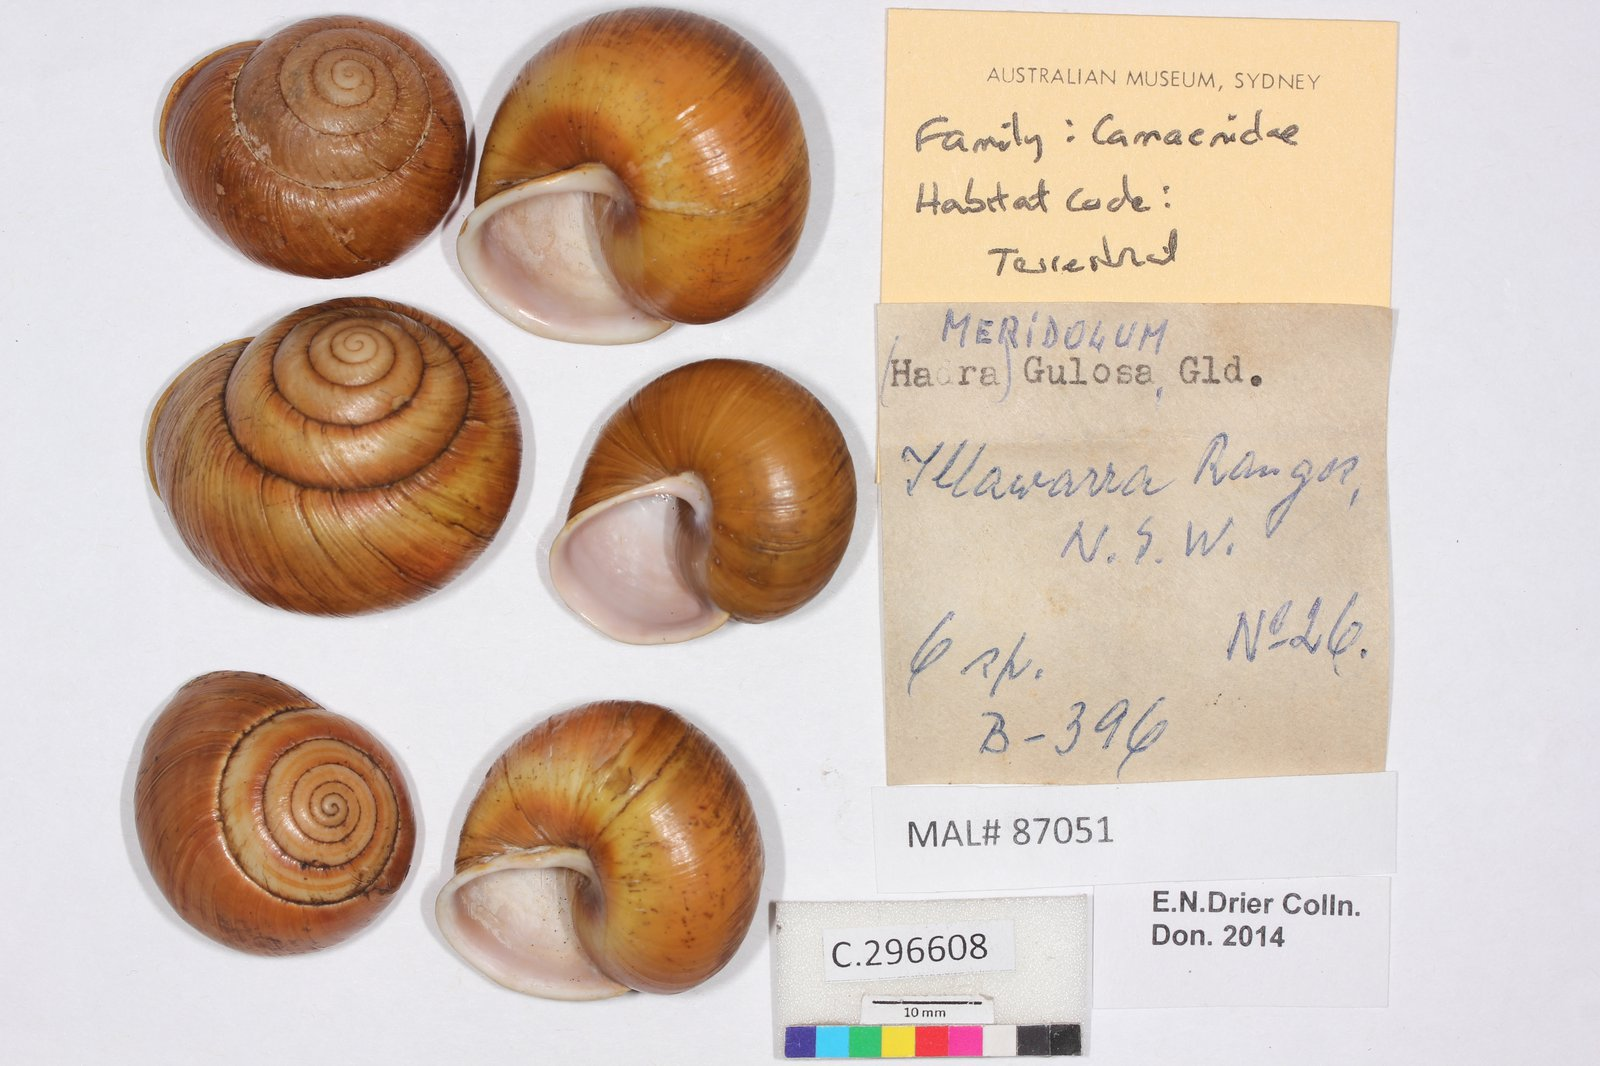 C.296608 Meridolum (Hadra) gulosa